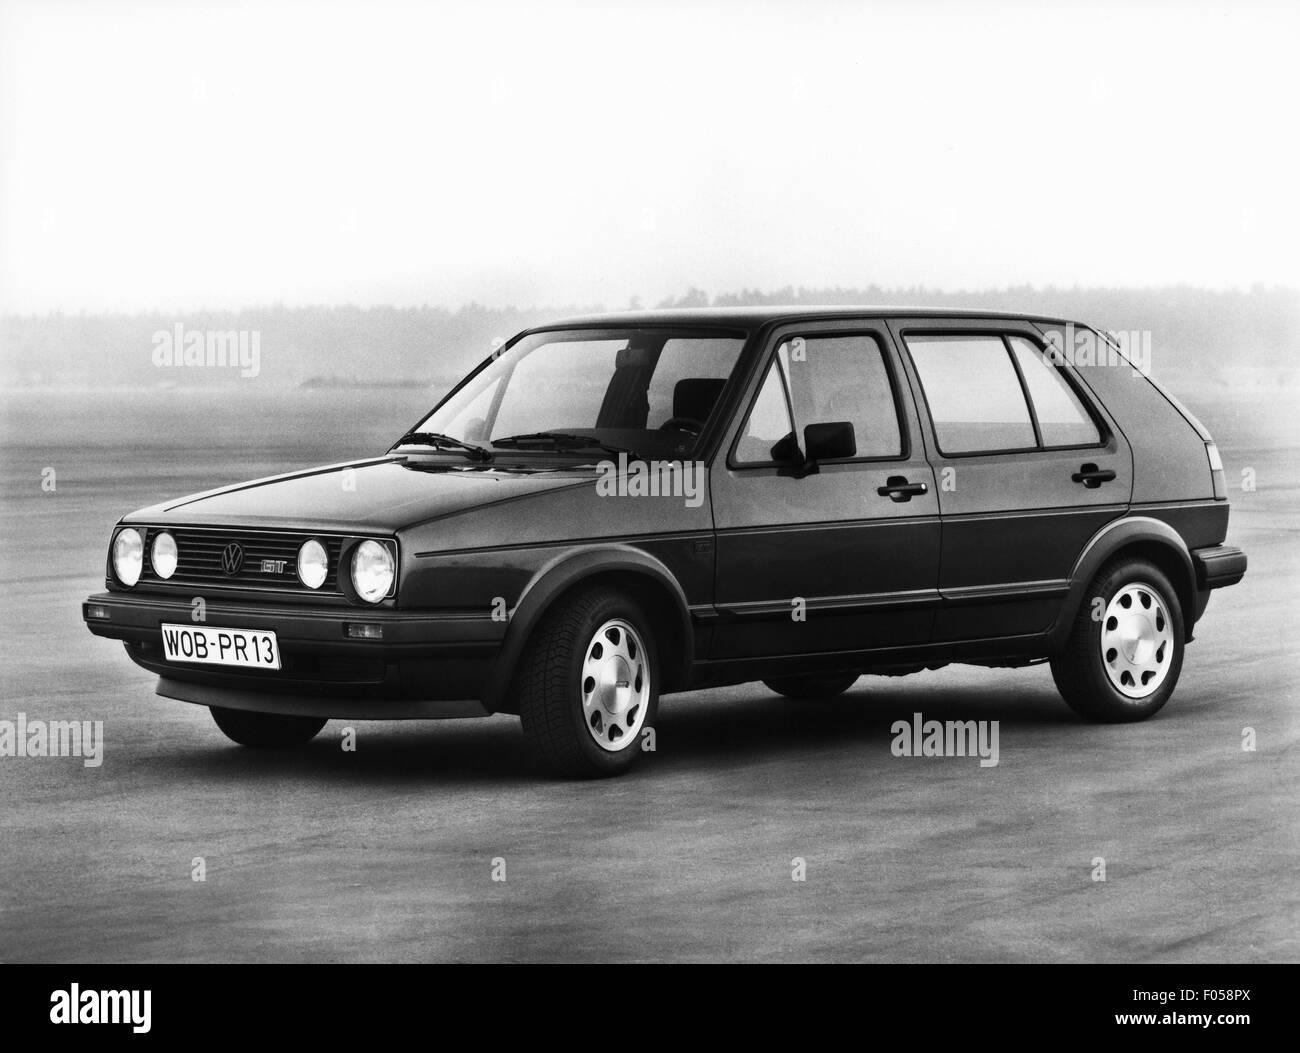 Verkehr/Transport, Auto, Fahrzeug Varianten, Volkswagen, VW Golf Mk2 GT, 1980er Jahre, Additional-Rights - Clearences Stockbild